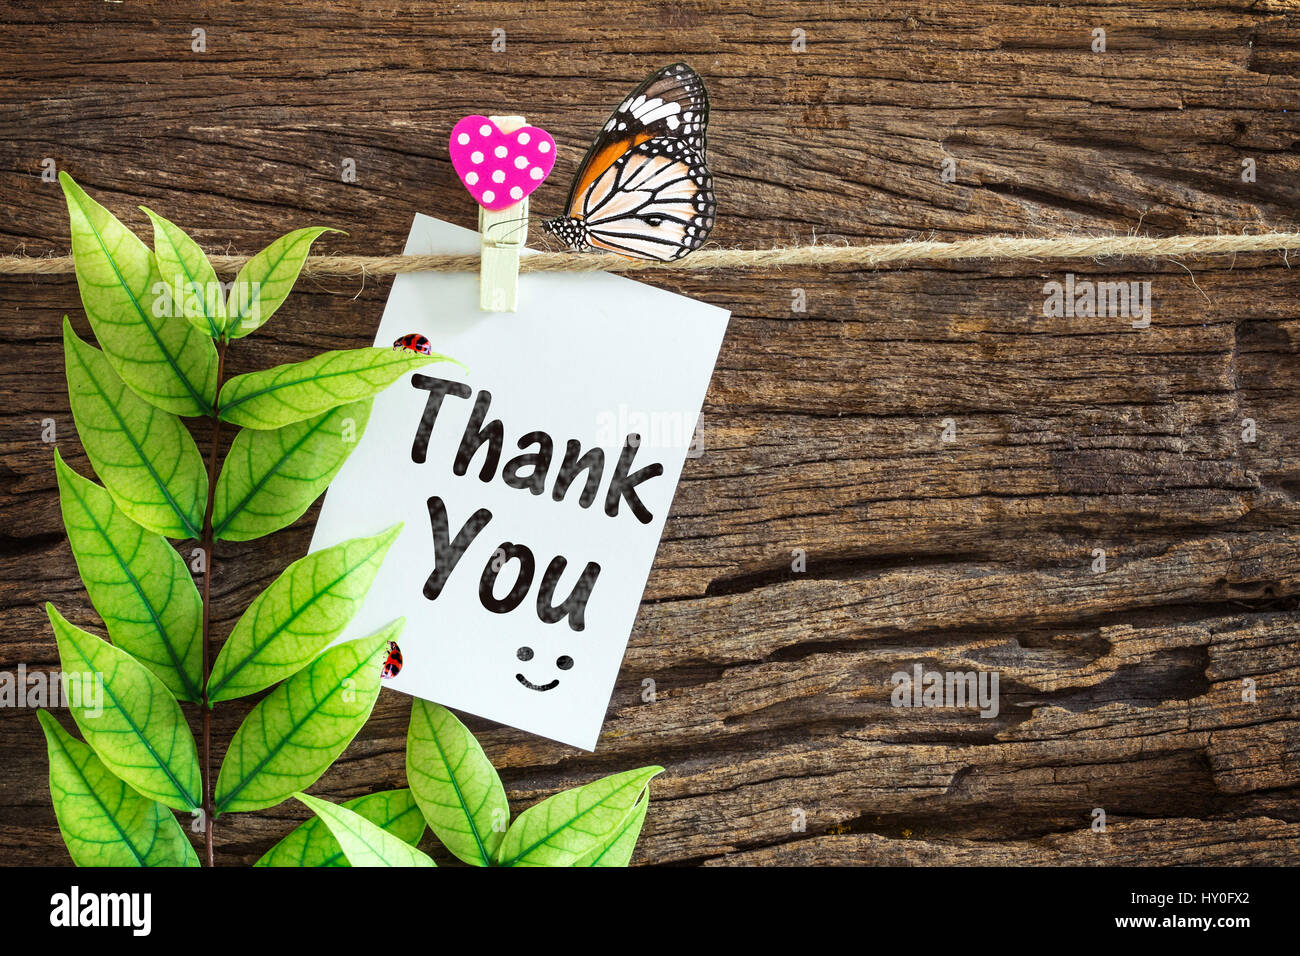 Merci papier remarque suspendu par clips coeur rouge sur fond de bois Photo Stock